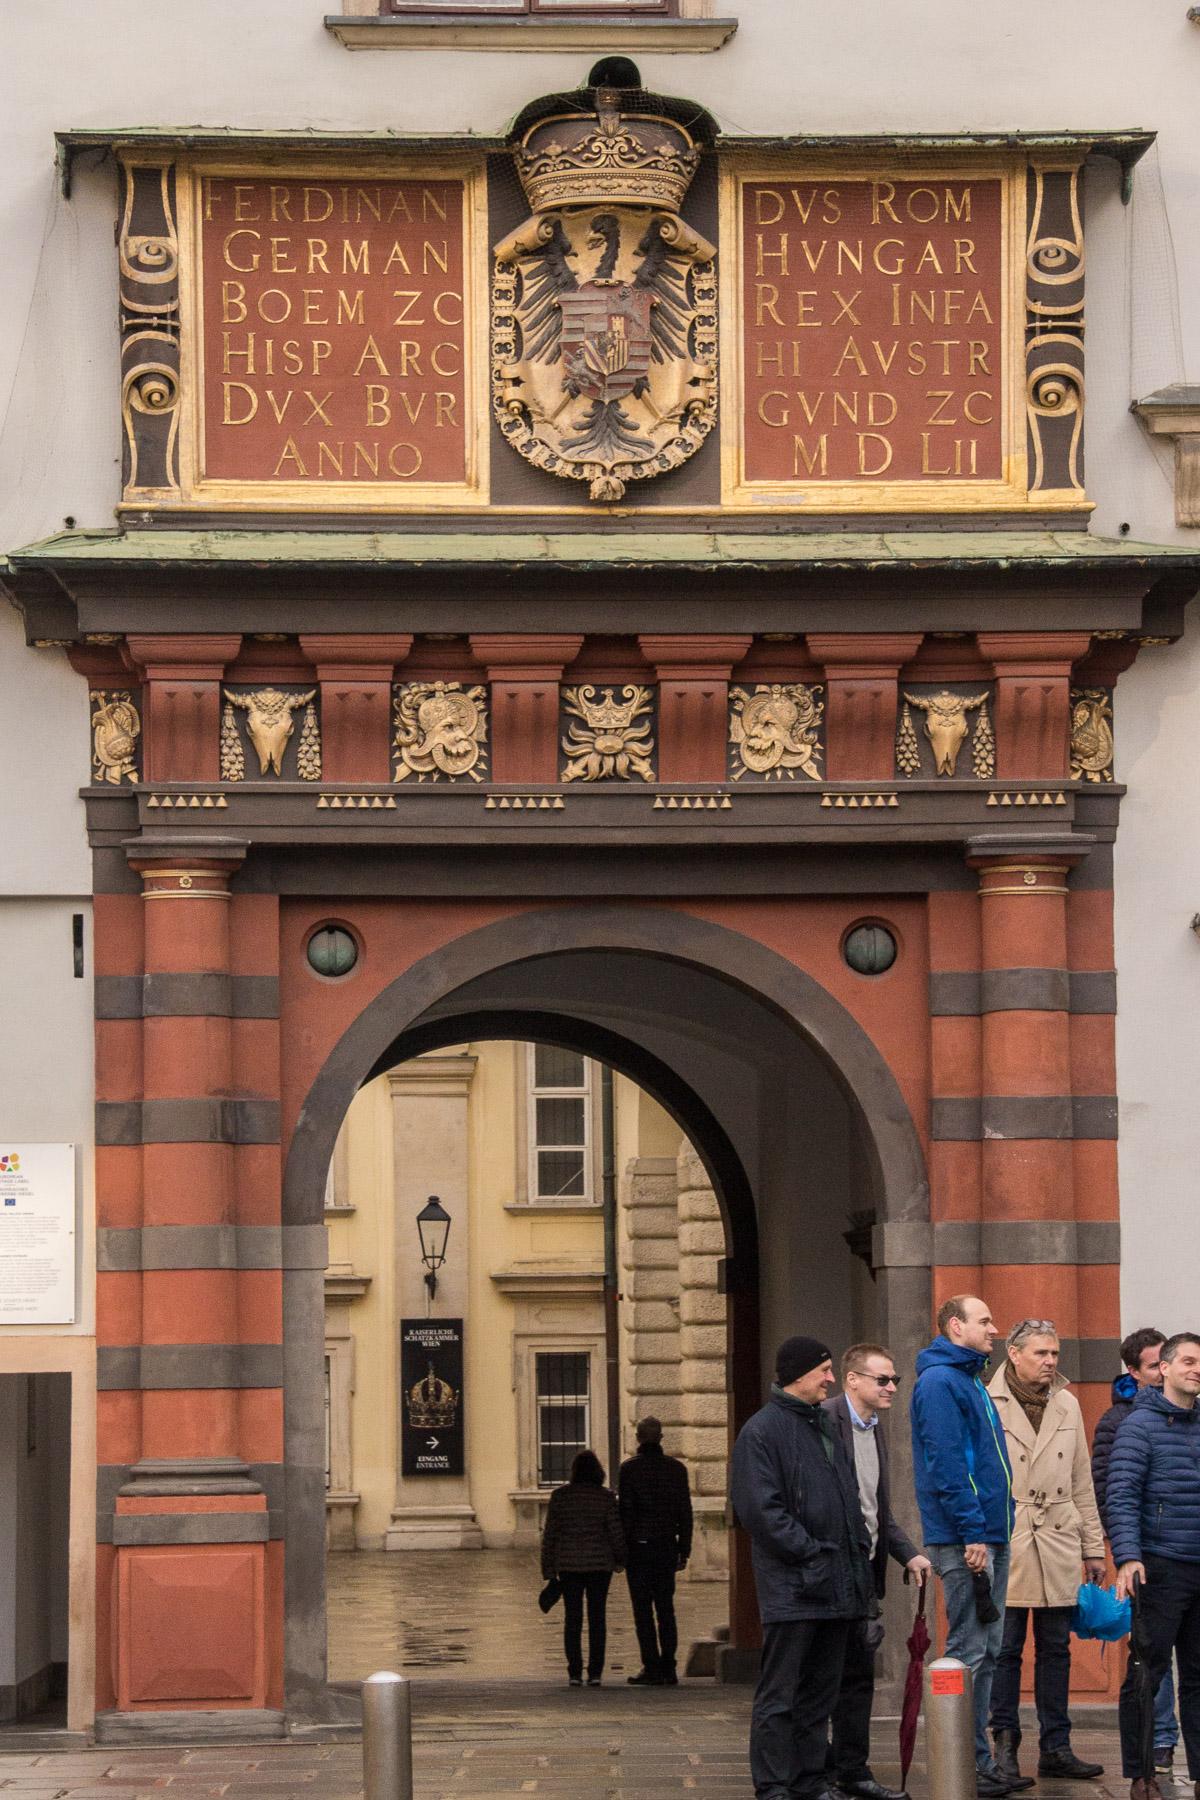 red hofburg gate